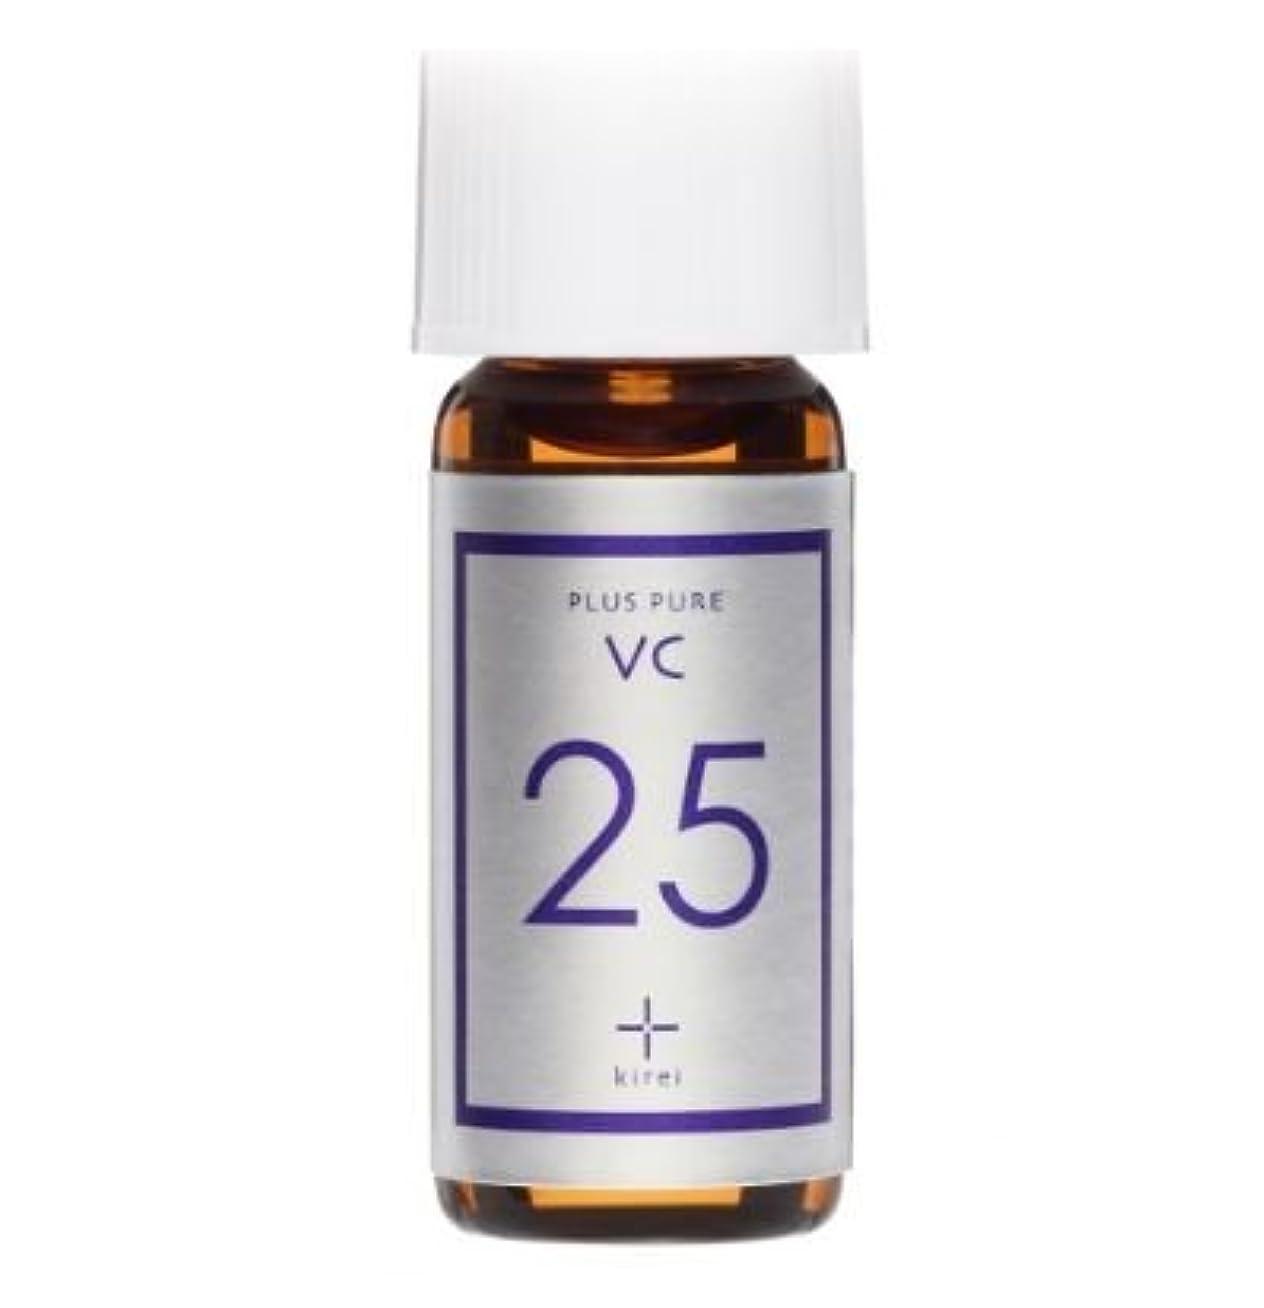 喪じゃない醜いビタミンC 美容液 プラスキレイ プラスピュアVC25 ピュアビタミンC25%配合 両親媒性美容液 (2mL(1週間お試し))